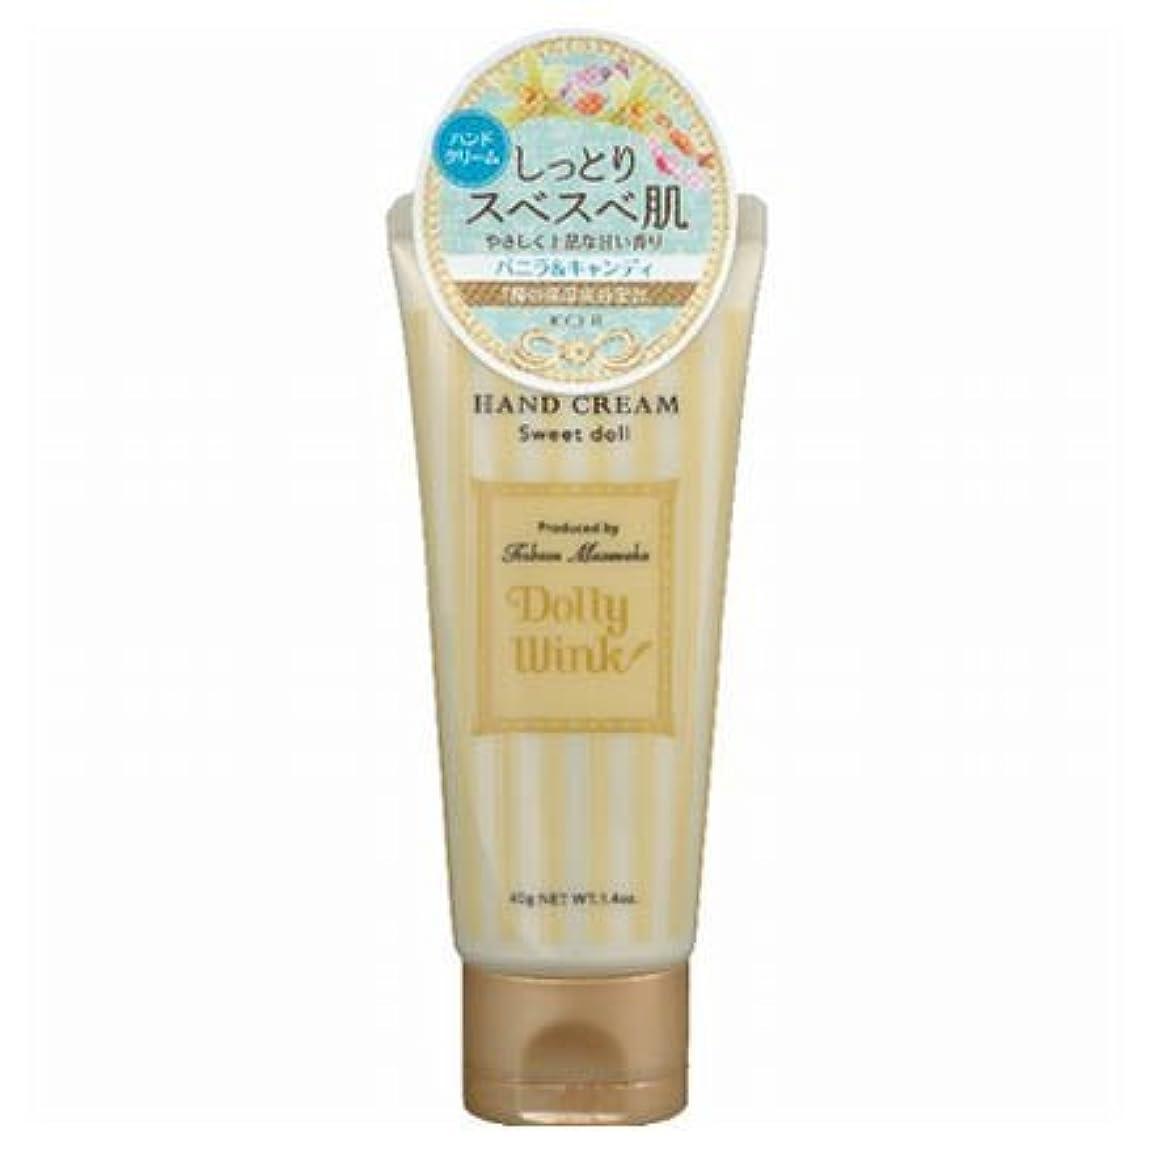 レプリカ救い服を洗うドーリーウインク ハンドクリーム スイートドール バニラ&キャンディの香り 40g